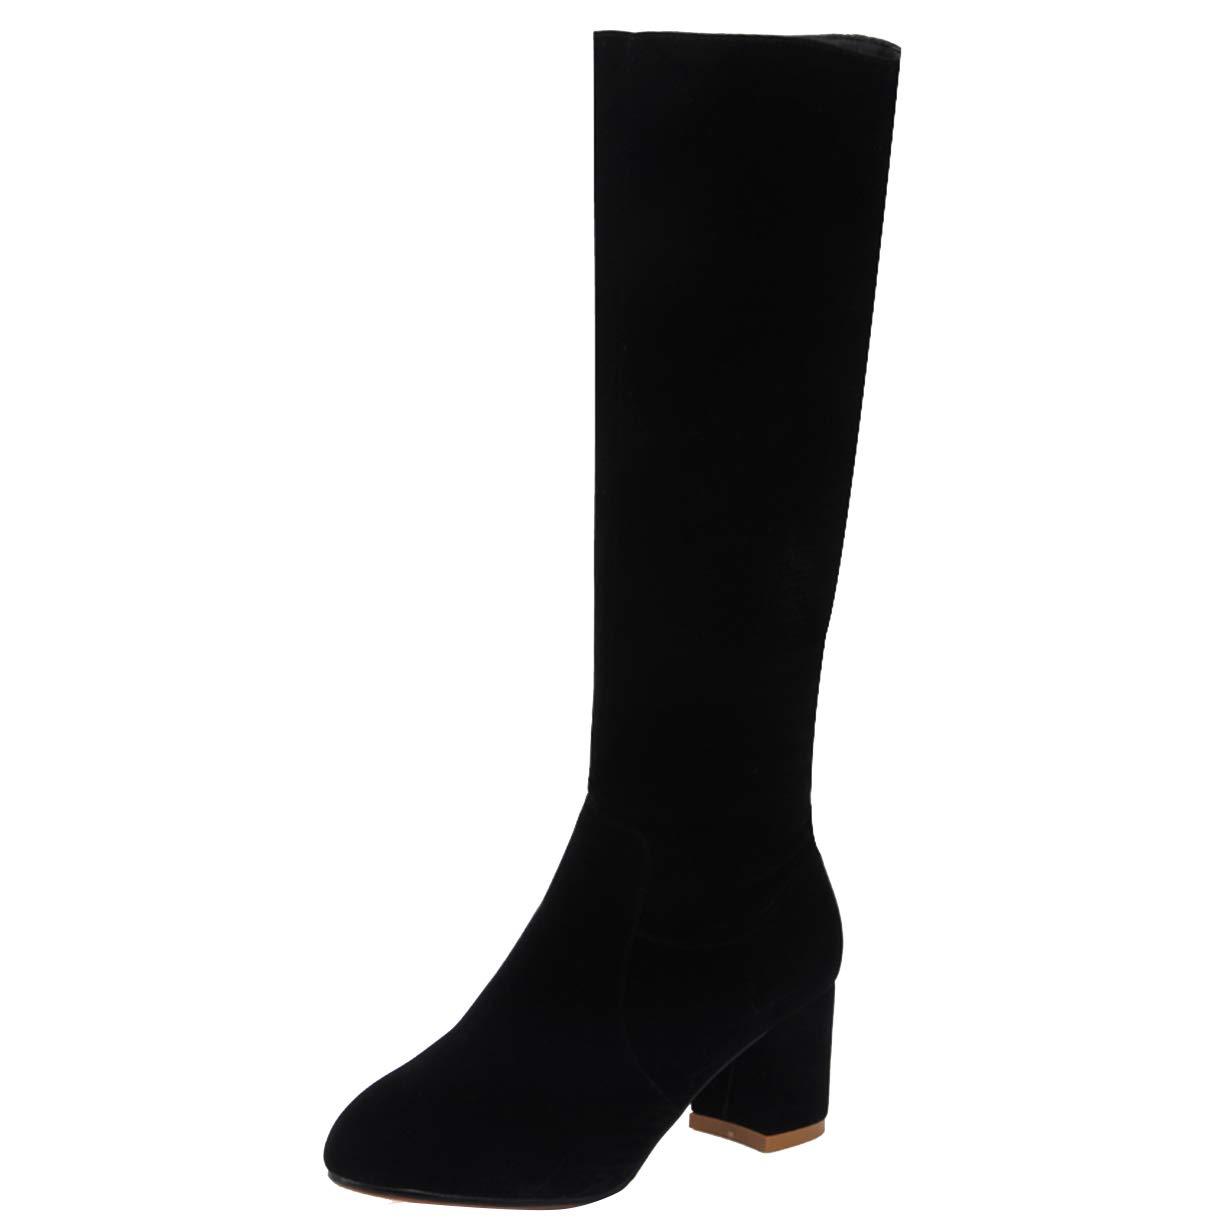 JYshoes , , Noir Bottes Classiques 8398 Femme Noir aced615 - reprogrammed.space